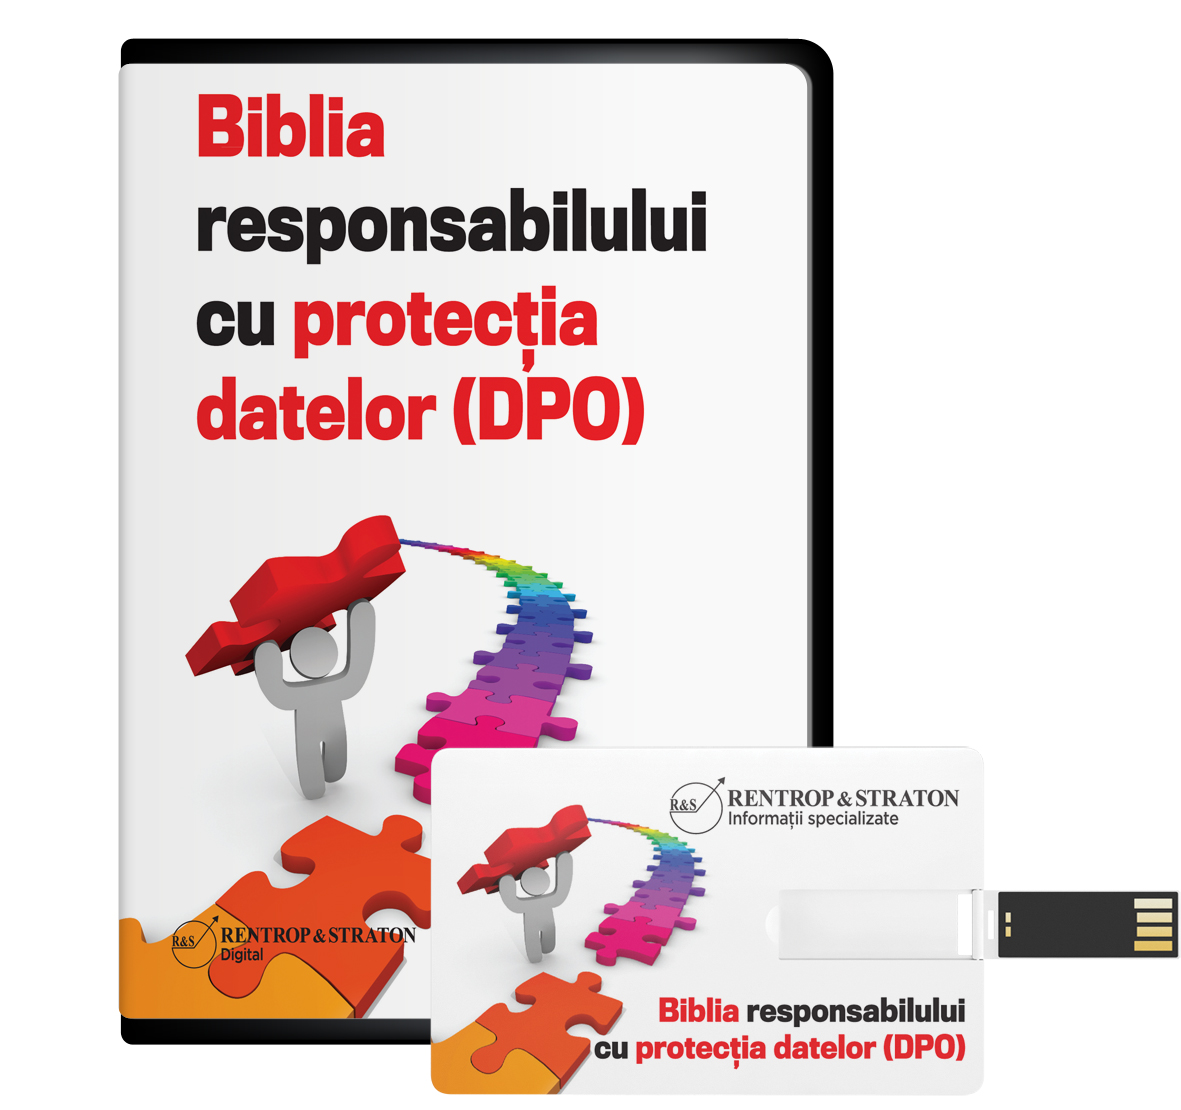 Biblia responsabilului cu protectia datelor